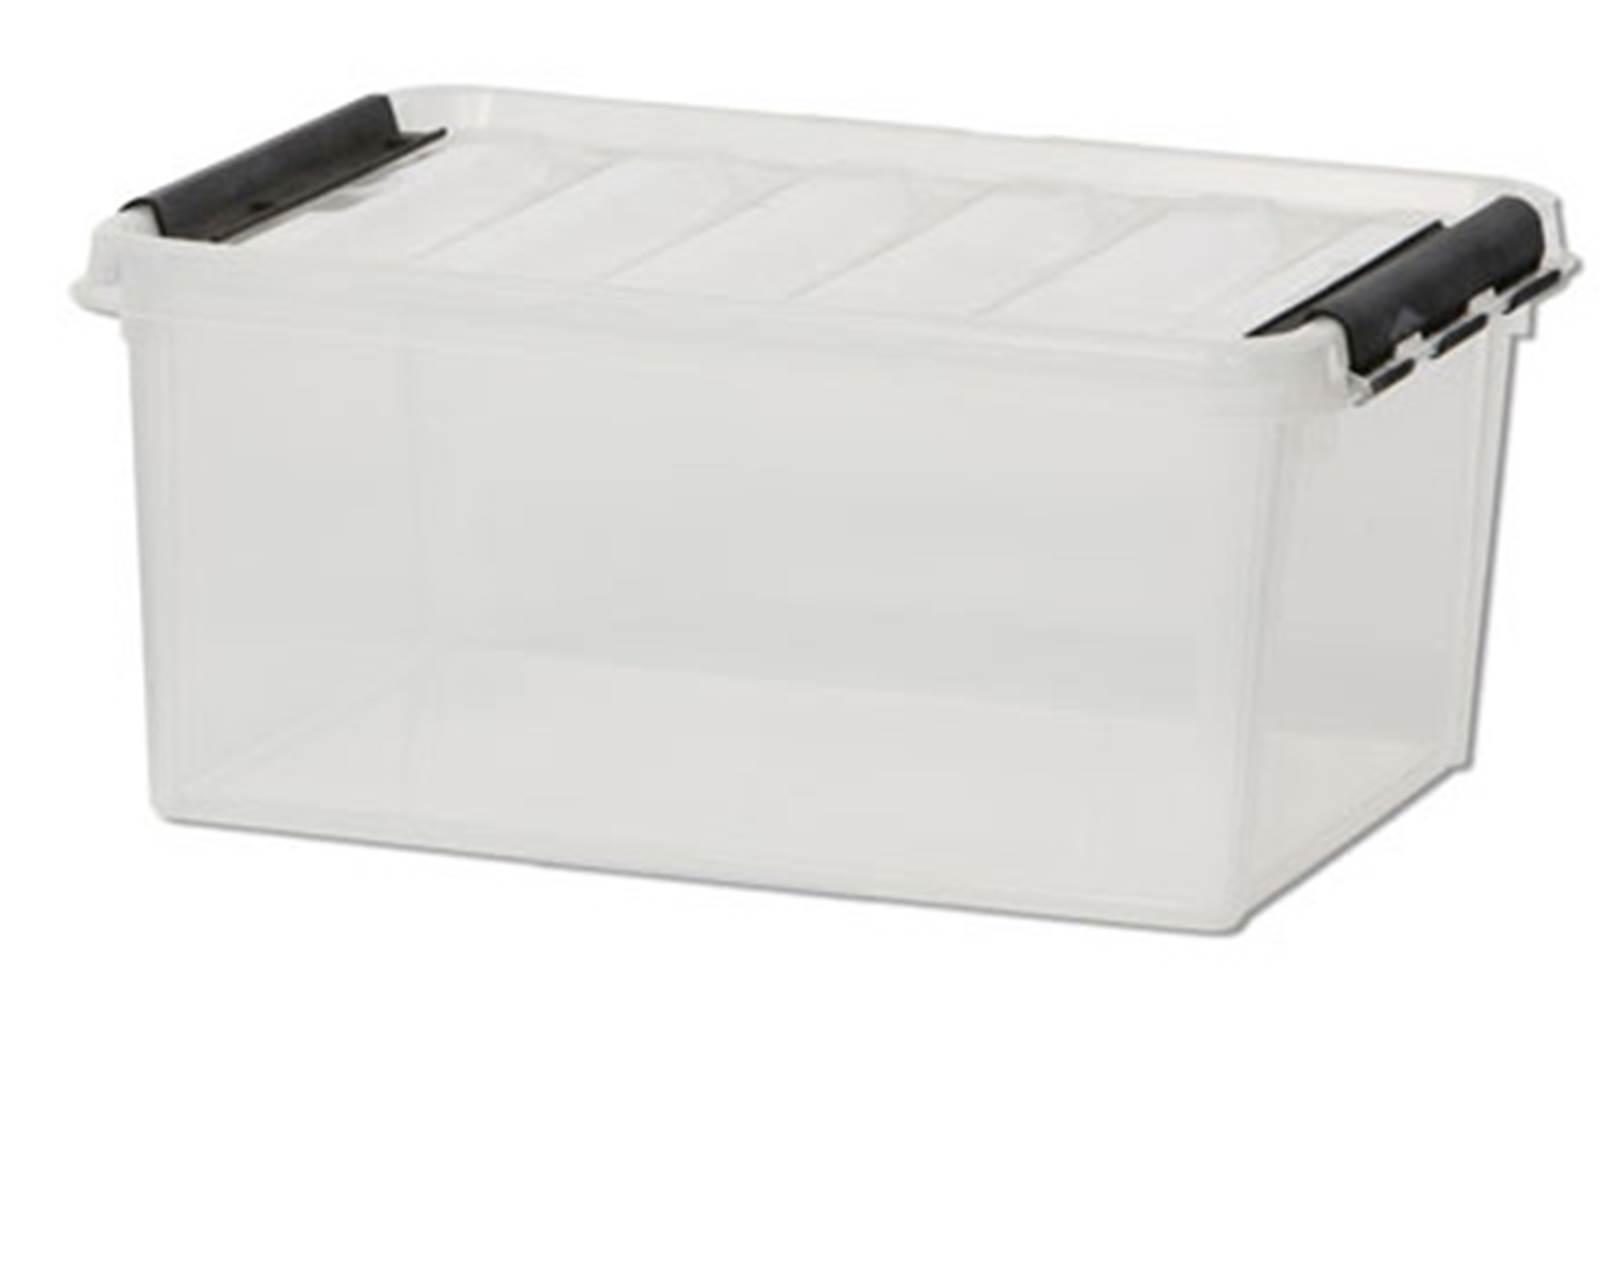 Fabriksnye Plastkasser - stort udvalg. Køb dem hos BOXIT VA-76